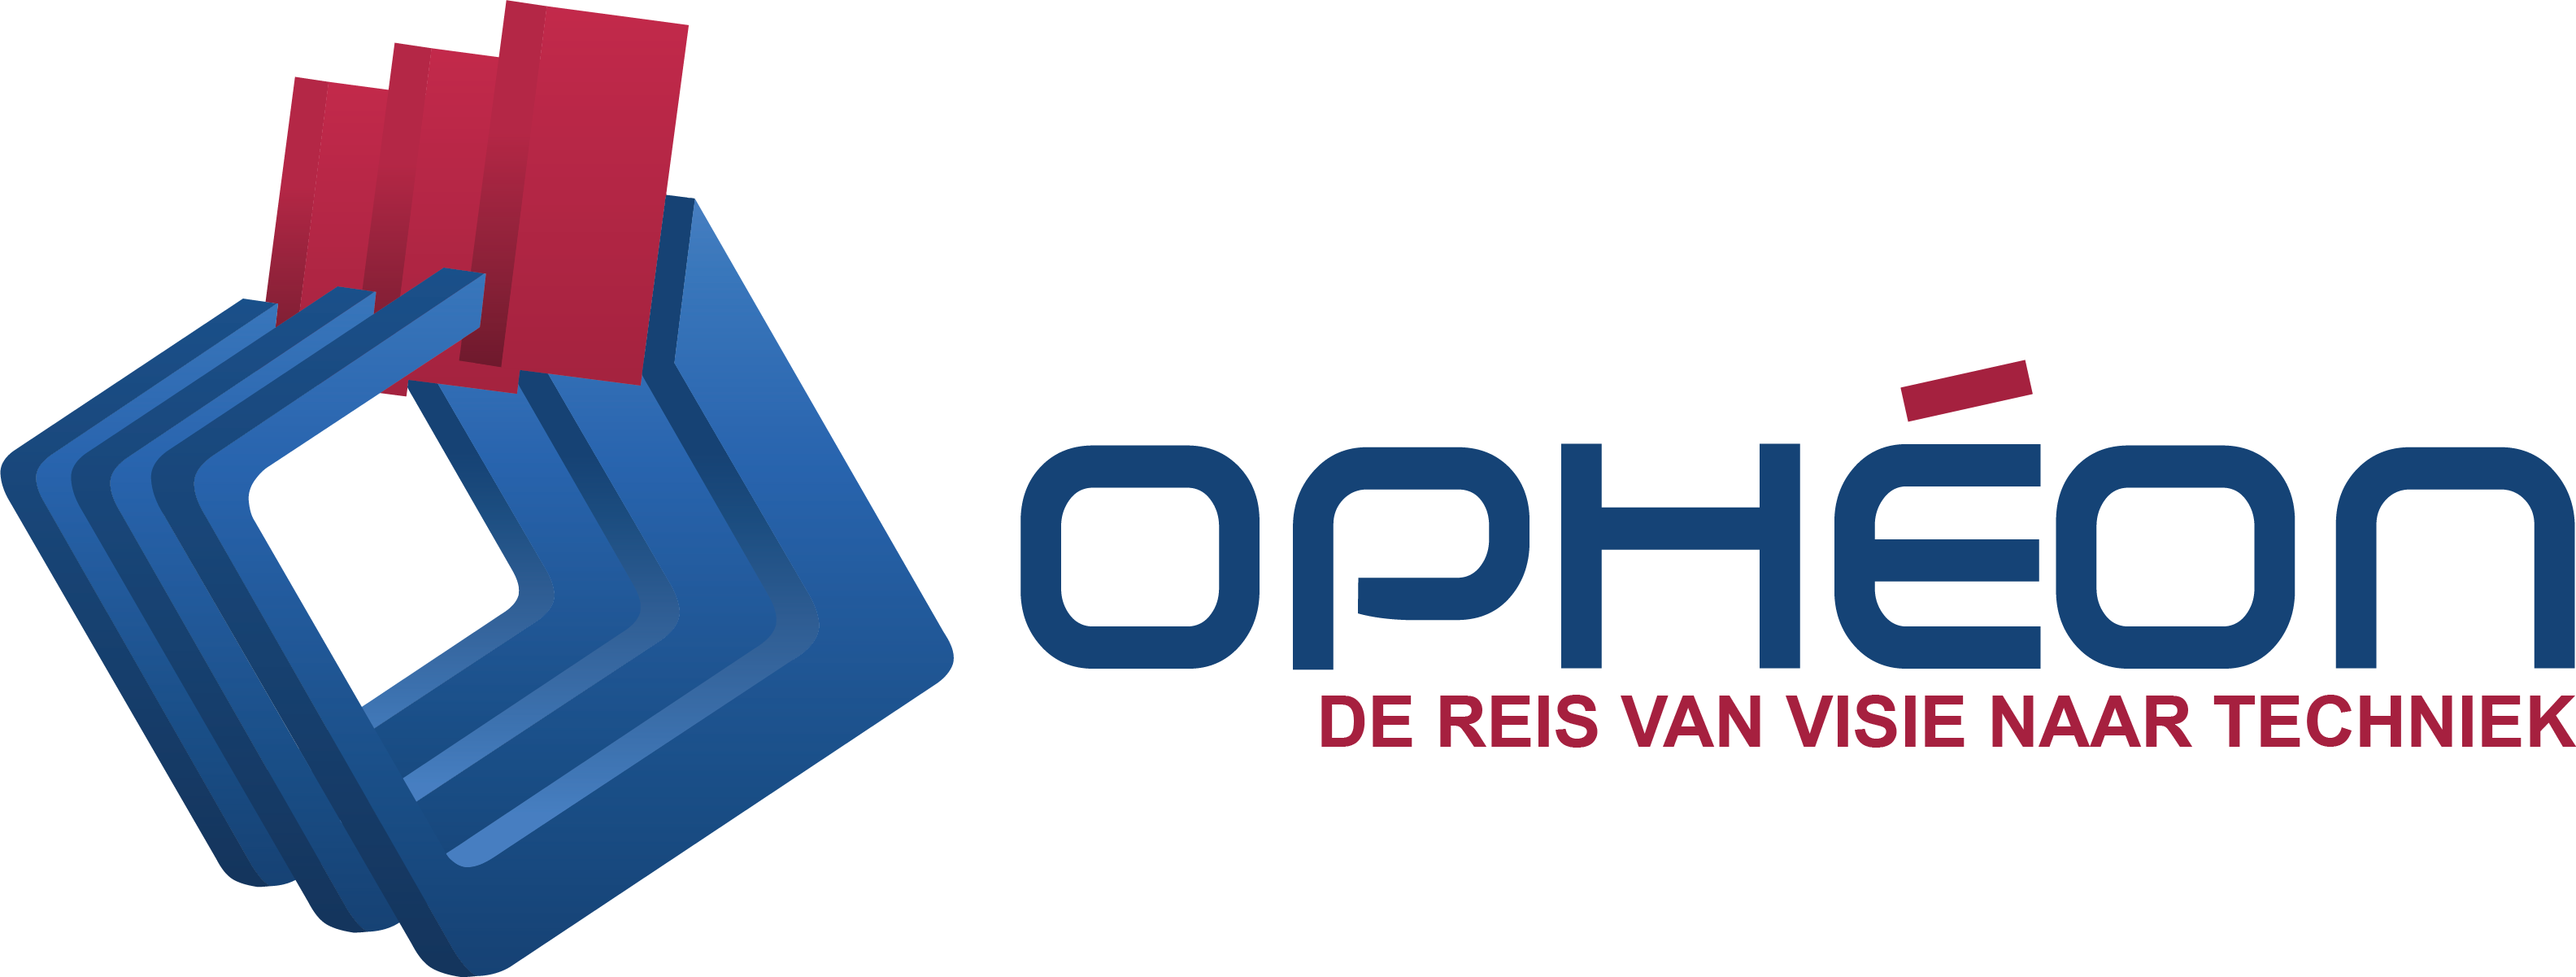 Ophéon